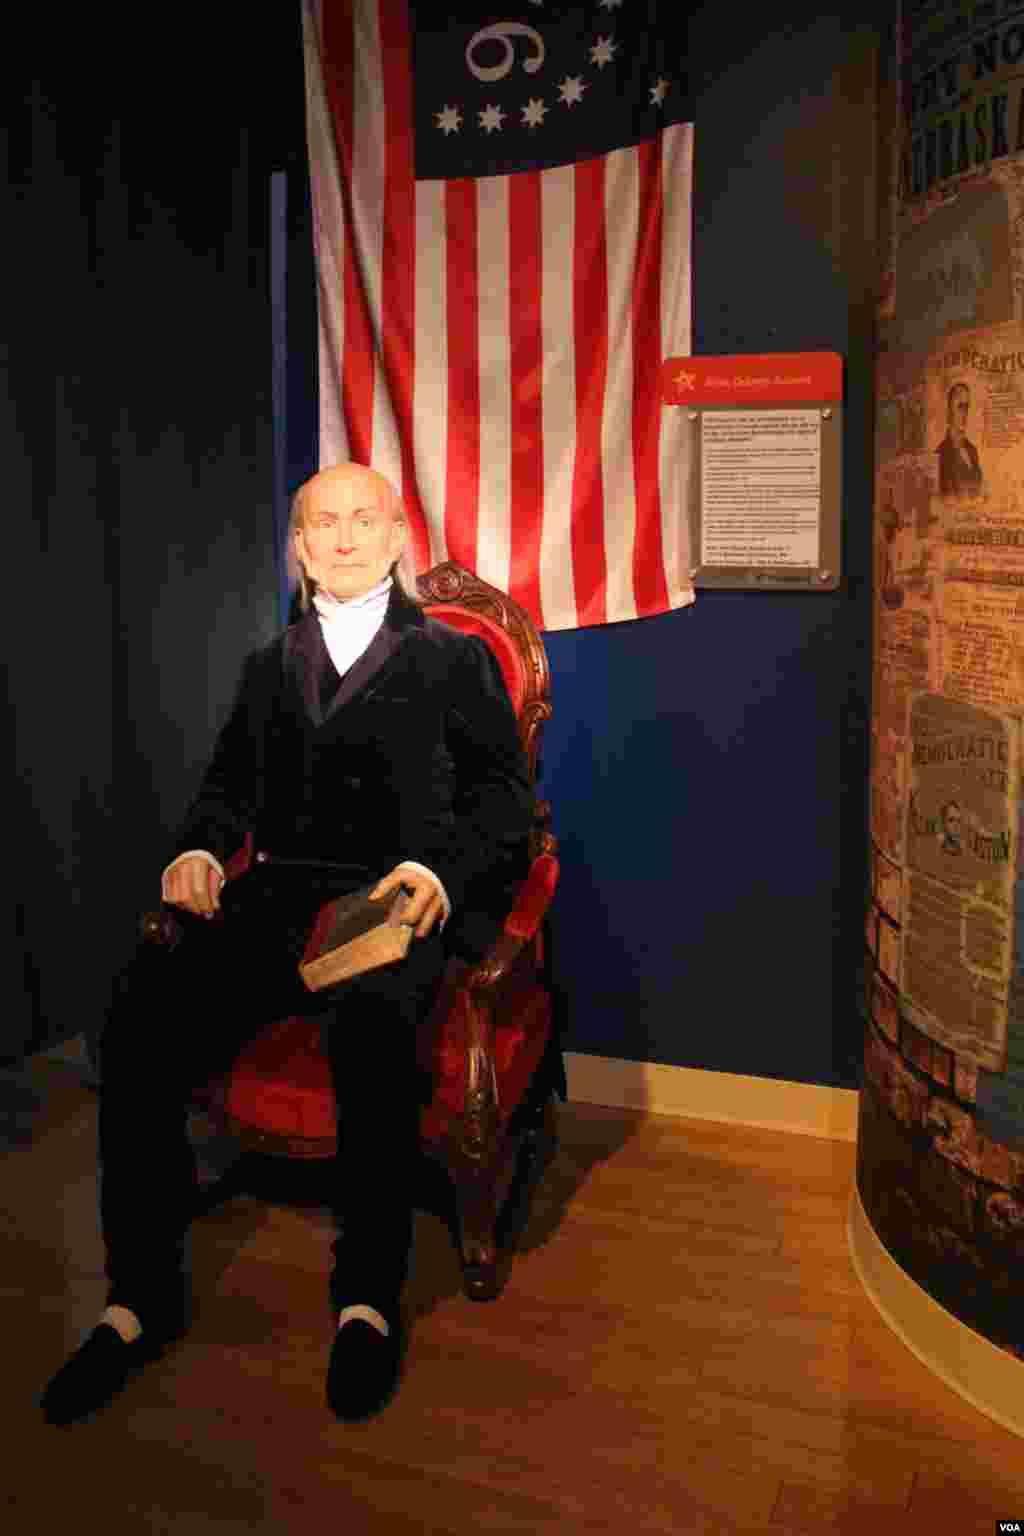 جان کوینسی آدامز - پسر جان آدامز - ششمین رئیس جمهور آمریکا بود. او که پیش از ریاست جمهوری به عنوان وزیر امور خارجه کار می کرد، سیاست خارجی آمریکا را بر اساس تعهدات ملی گرایانهاش شکل داد و از دیپلماتهای بزرگ آمریکا به شمار میرود.